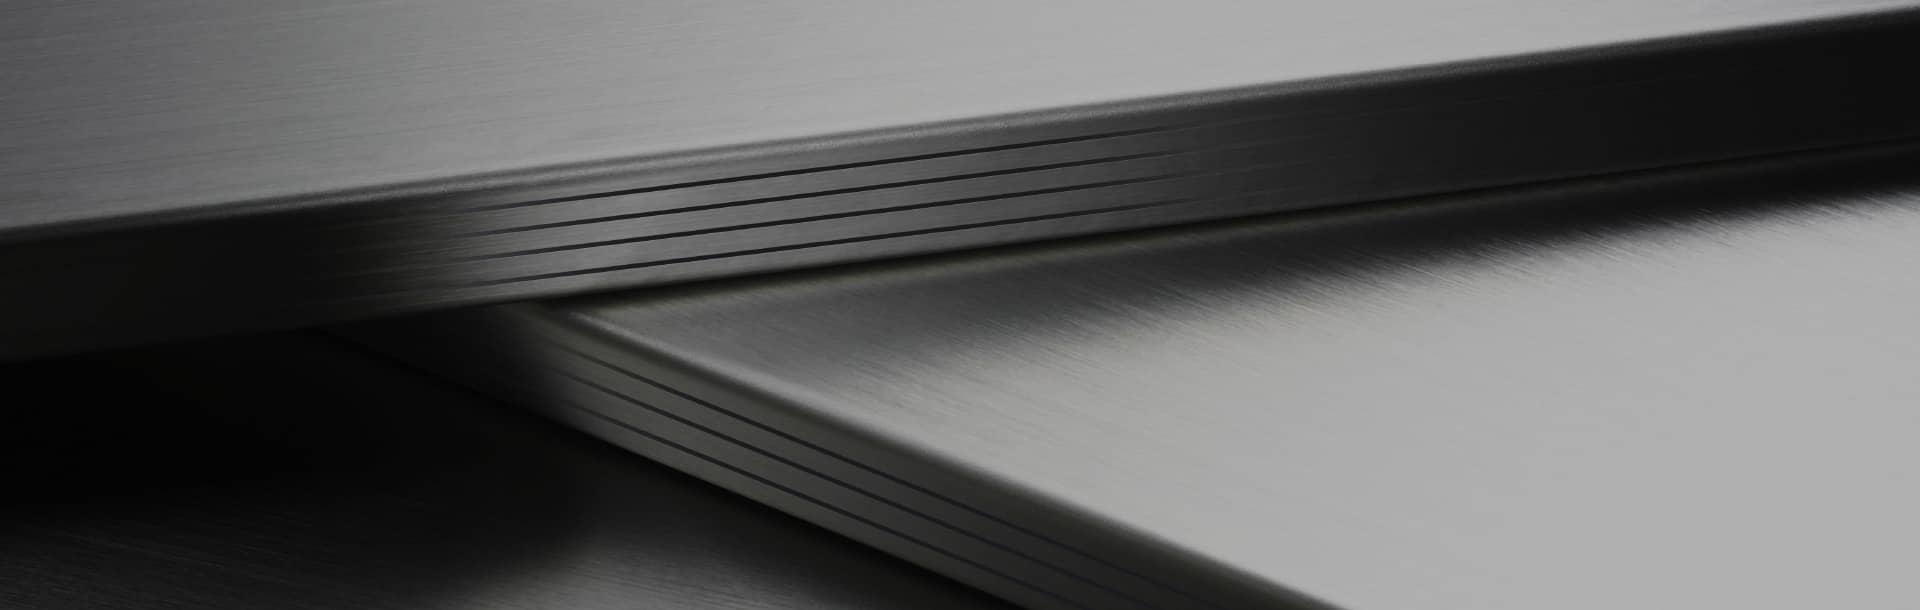 Buy Cheap Stainless Steel Sheets Metal Online Metalscut4u